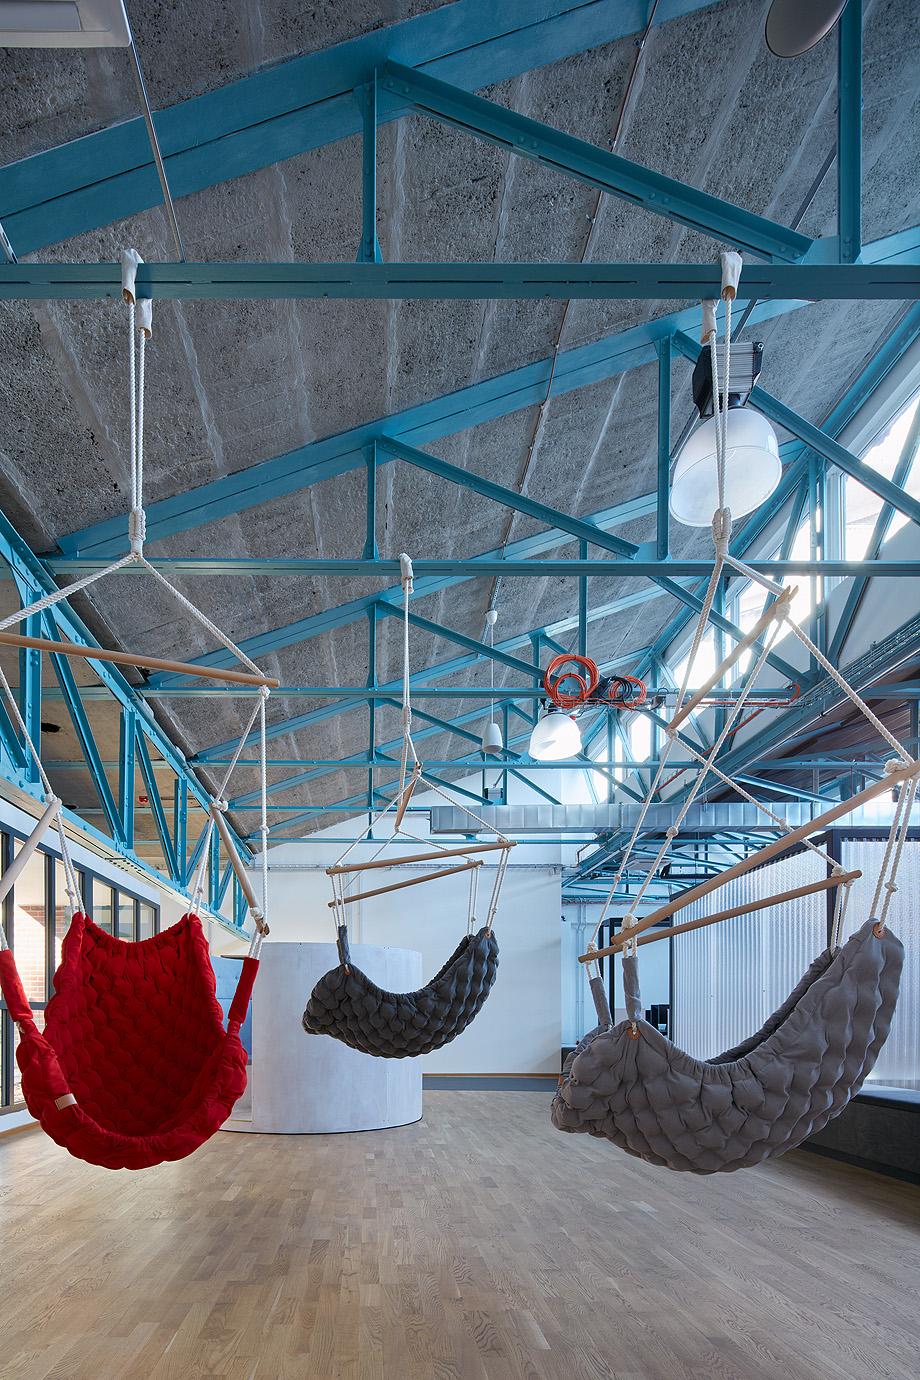 oficinas sinnerschrader por kurz architects - foto boysplaynice (5)